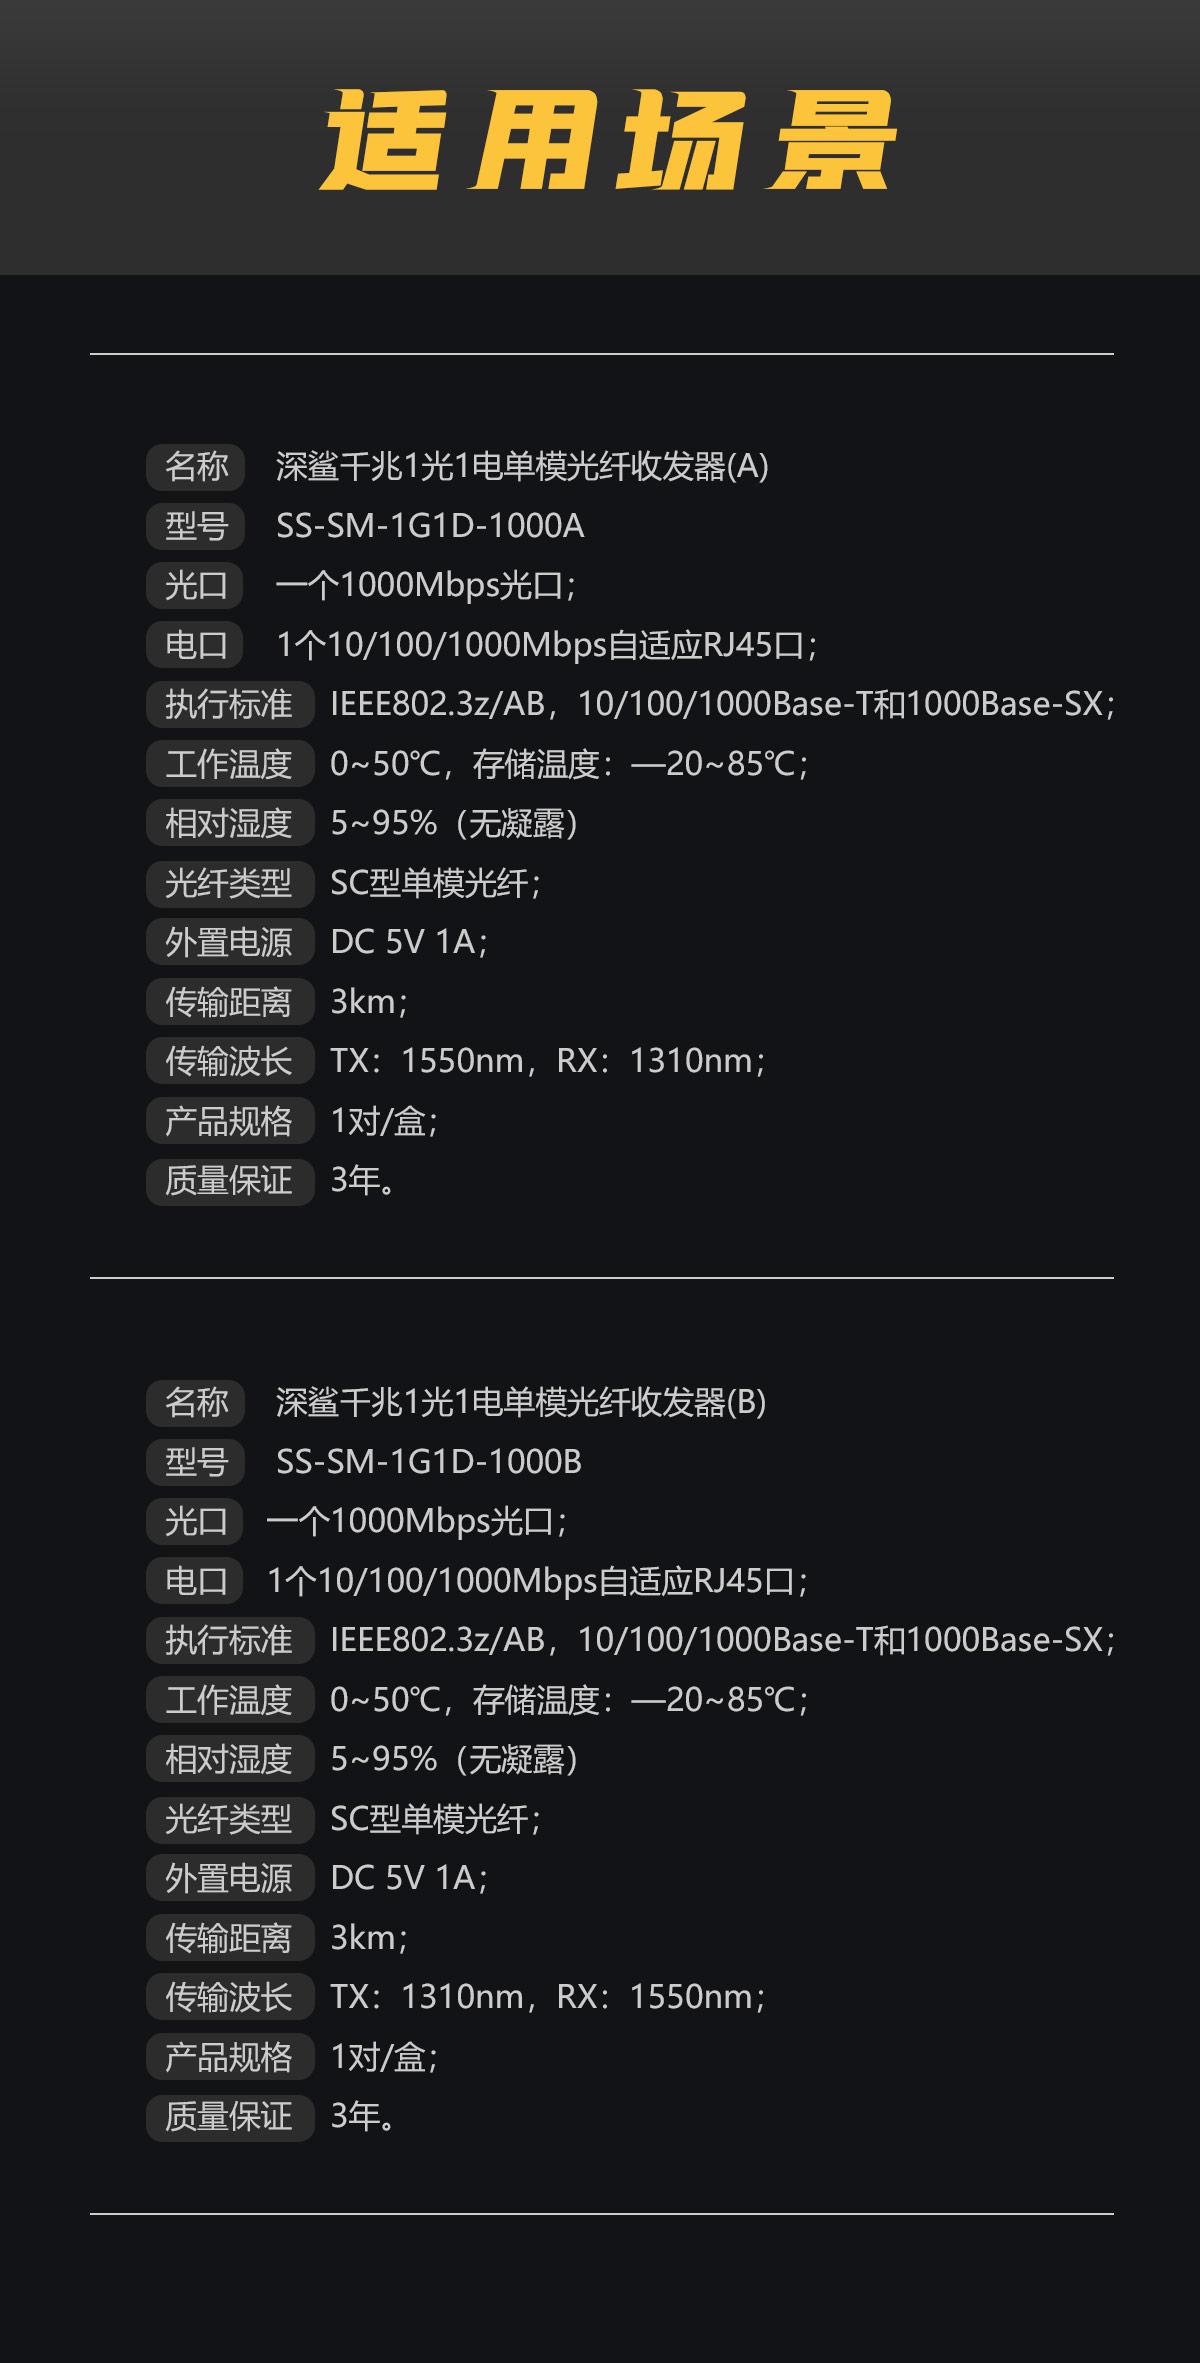 名称 深鲨千兆1光1点单模光纤收发器(A&B) 型号 SS-SM-1G1D-1000A 光口 一个1000Mbps光口 电口 1个10/100/1000Mbps自适应RJ45口 执行标准 IEEE802.3z/AB,10/100/1000Base-T和1000Base-SX 工作温度 0~50℃,储存温度:-20~85℃ 相对湿度 5~95%(无凝露) 光纤类型 SC型单模光纤 外置电源 DC 5V 1A 传输距离 3km 传输波长 TX:1550nm RX:1330nm 产品规格 1对/盒 质量保证 3年